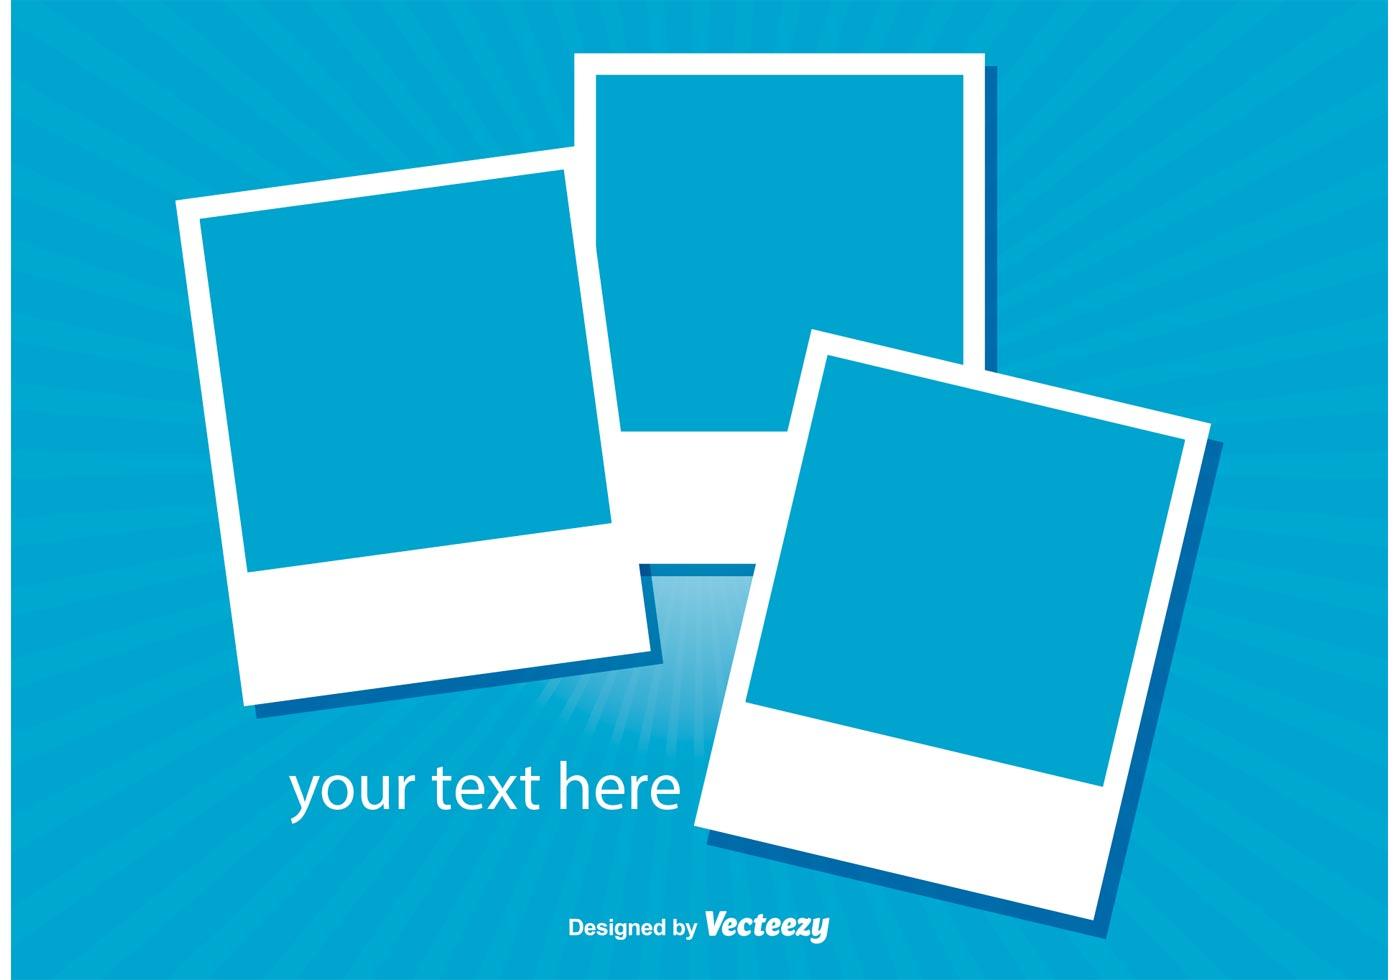 polaroid frames illustration